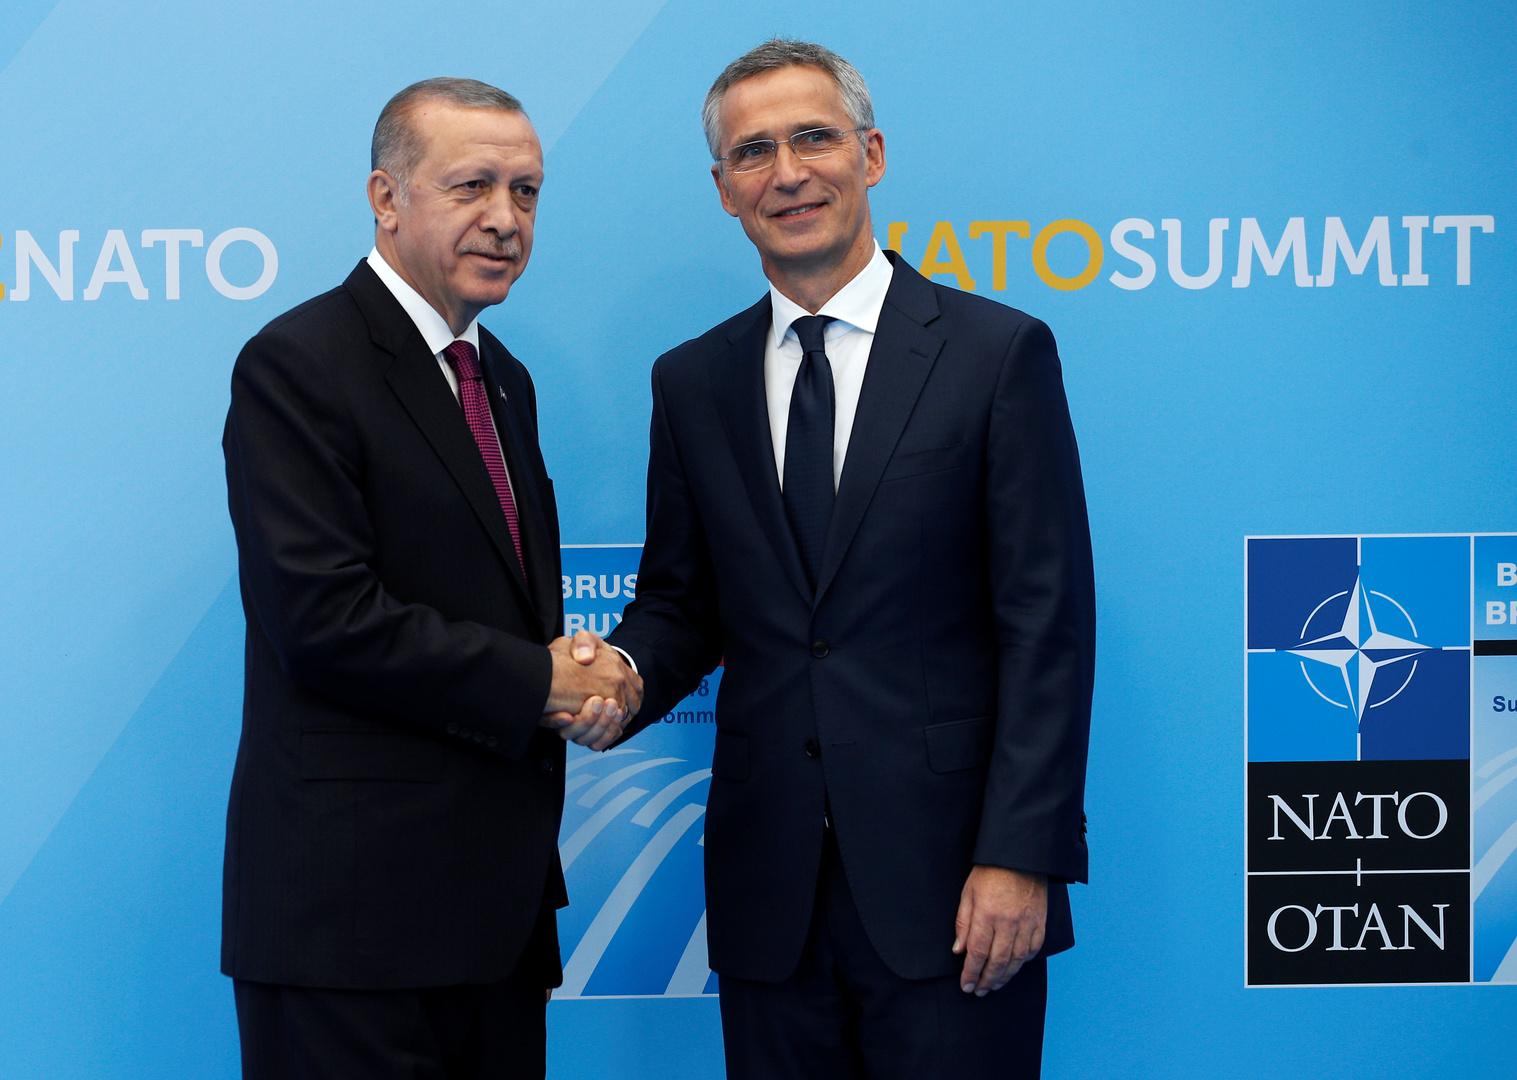 أردوغان لستولتنبرغ: سير المحادثات مع اليونان يعتمد على خطواتها